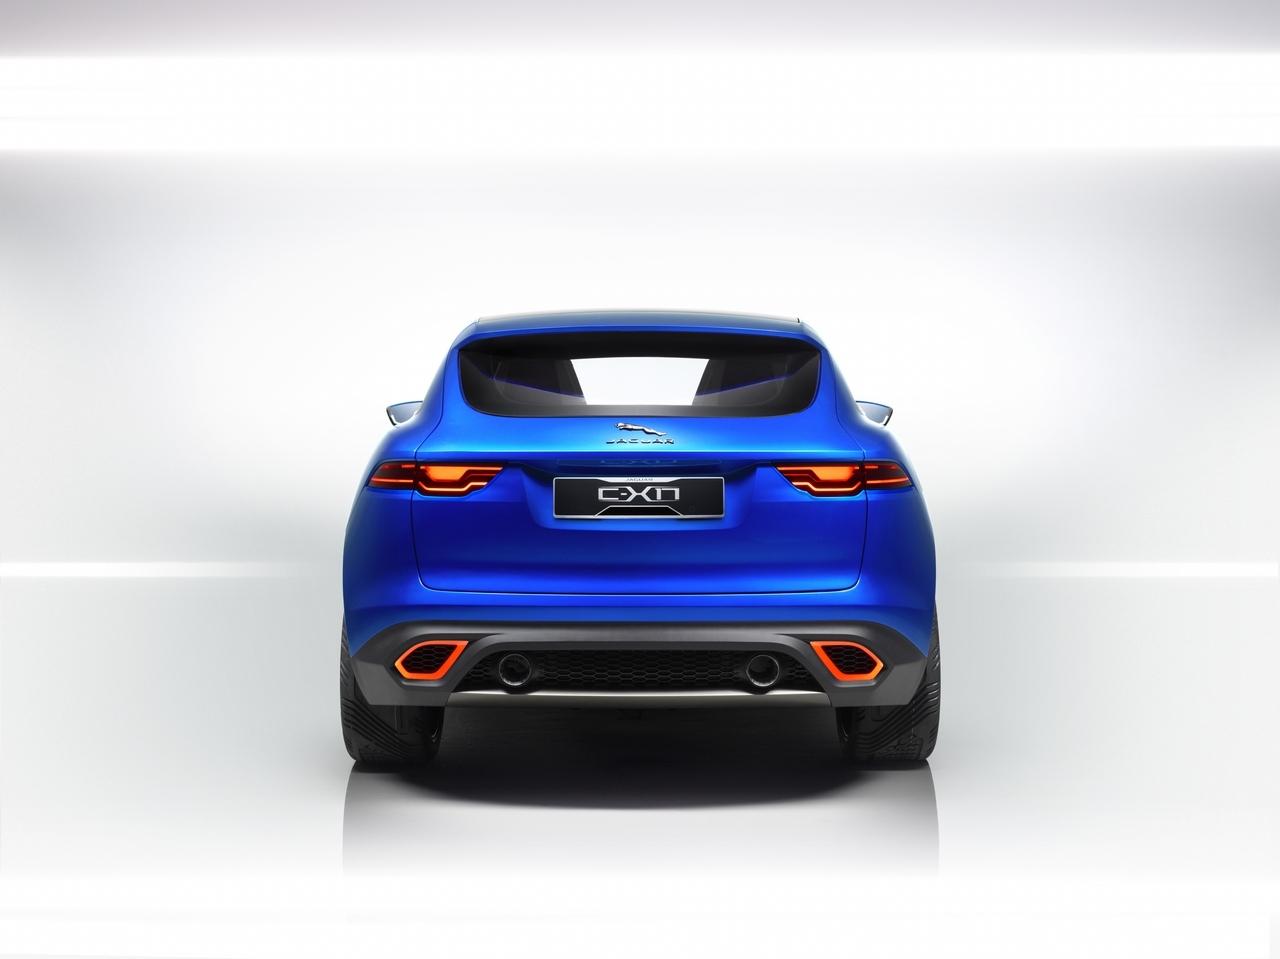 jaguar-c-x17-sports-crossover-concept_120-100